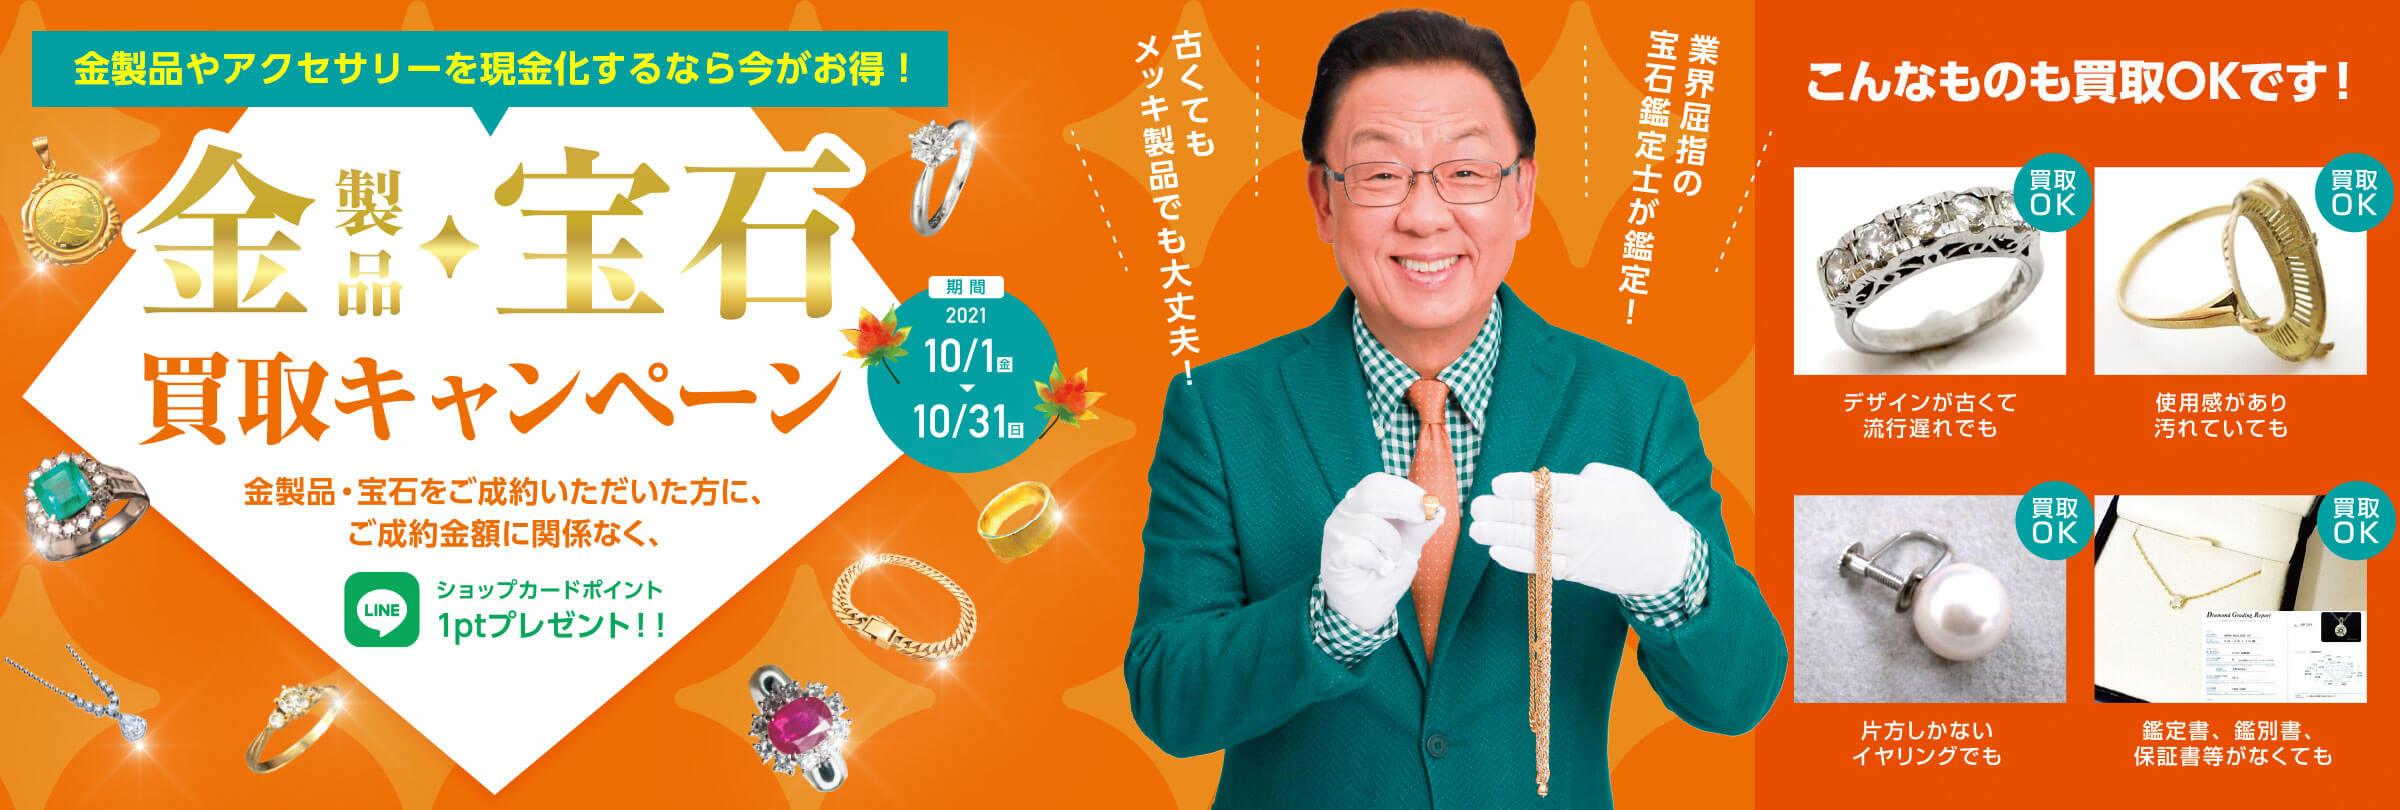 【期間限定10月1日~10月31日】金製品・宝石買取キャンペーンを開始いたします